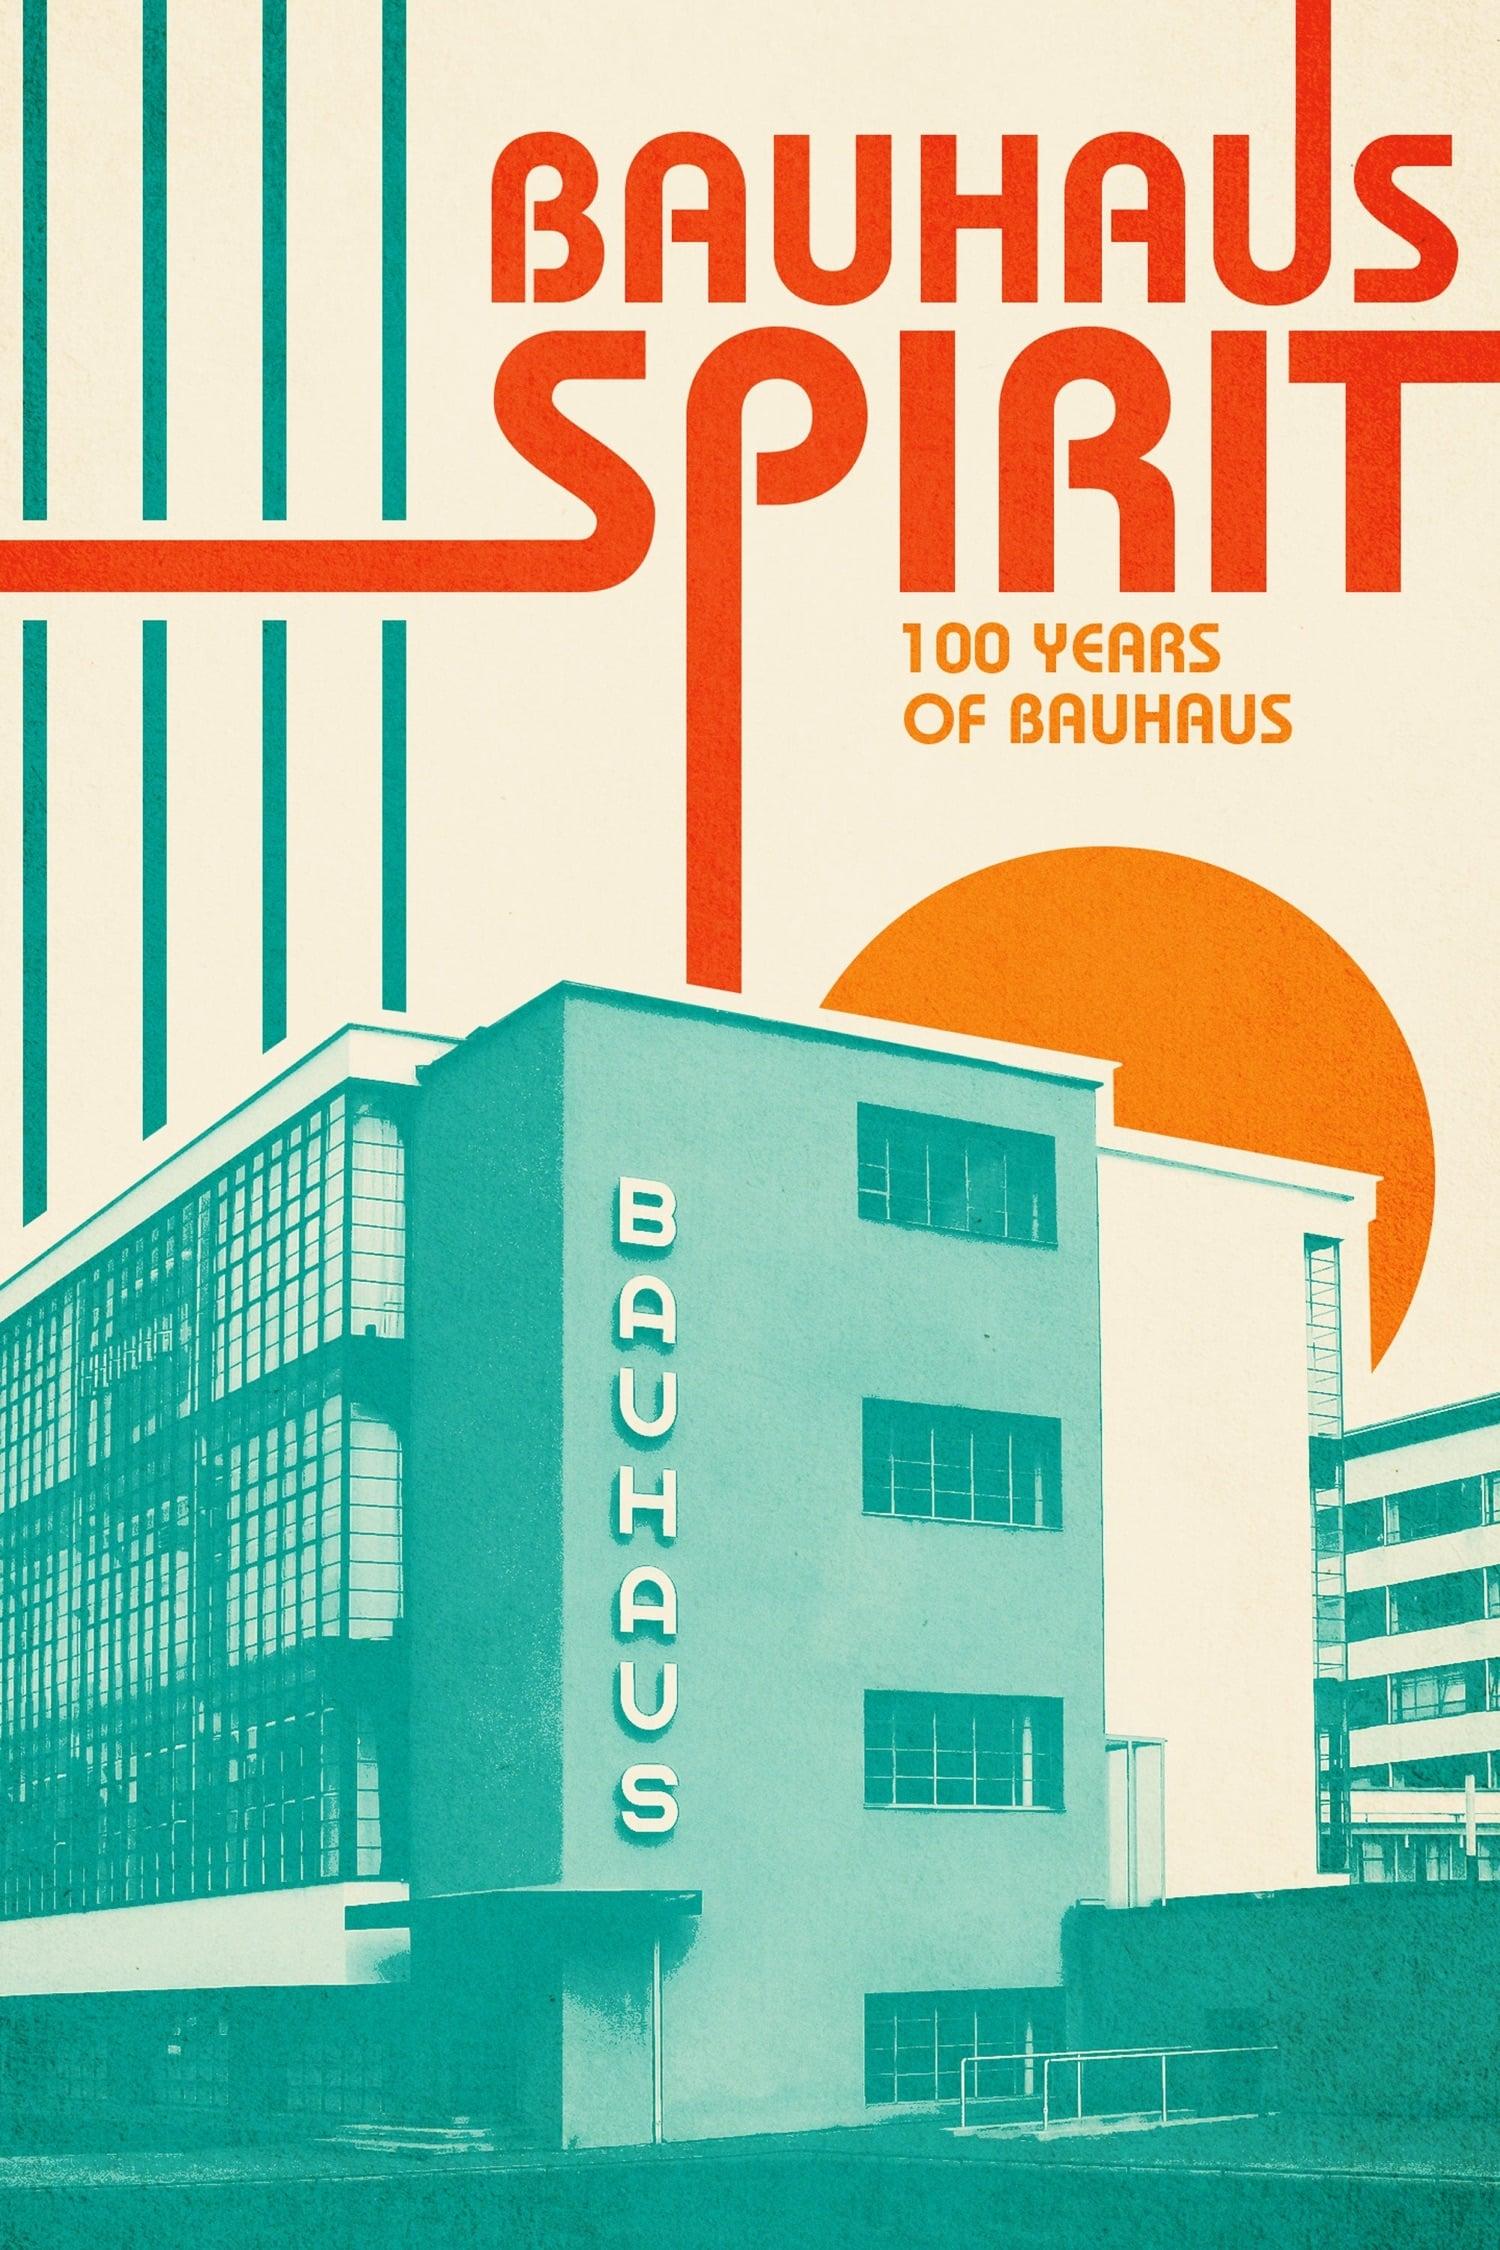 Bauhaus Spirit: 100 Years of Bauhaus